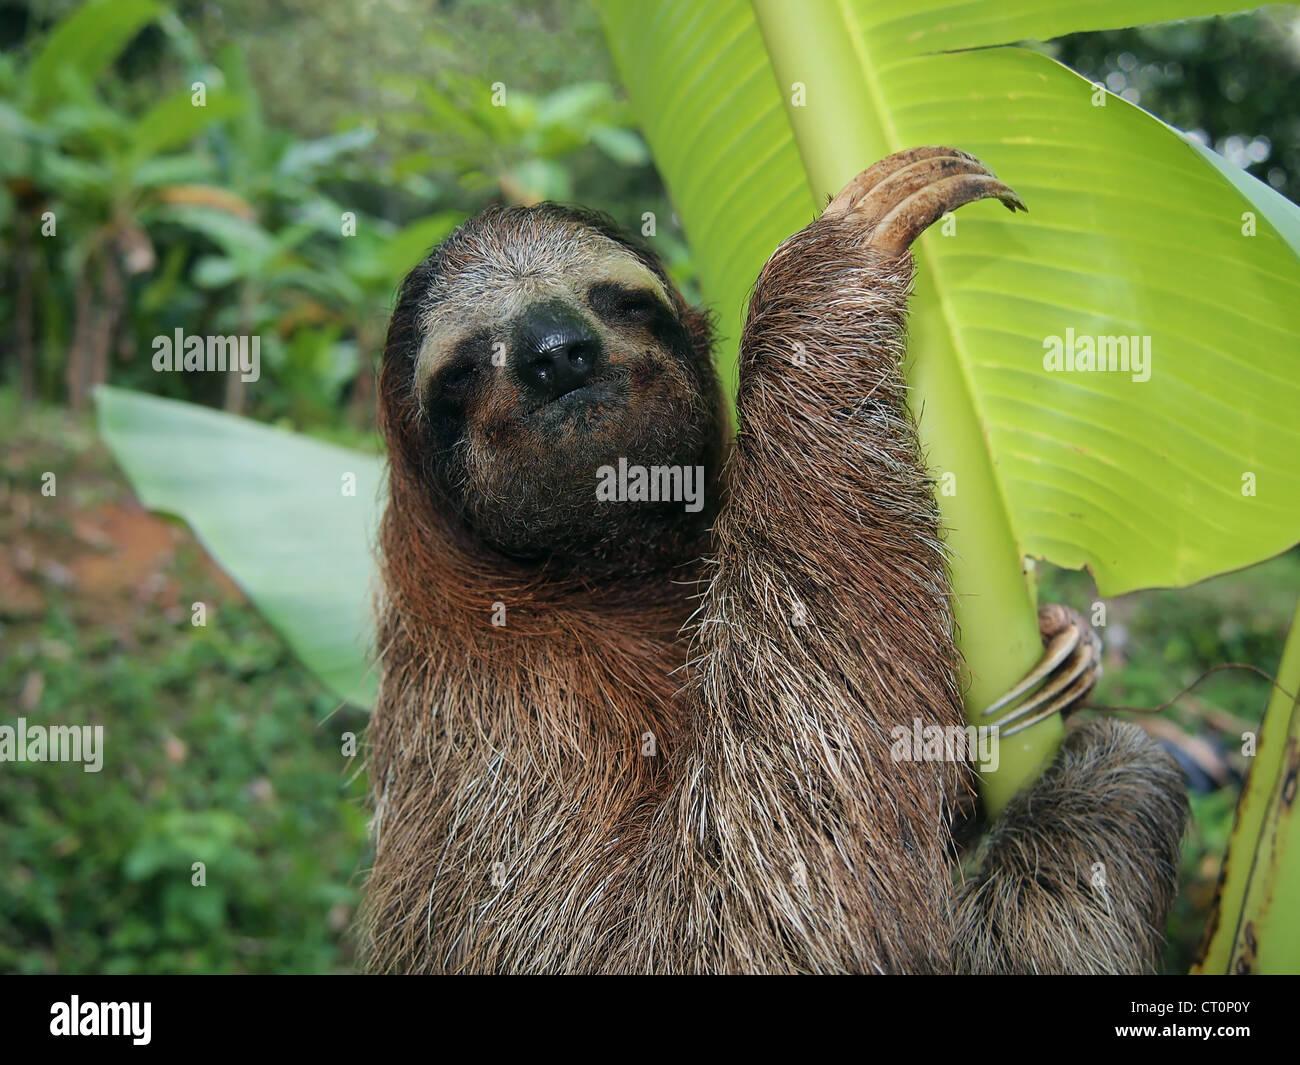 Three-toed sloth in a banana tree, Costa Rica Stock Photo